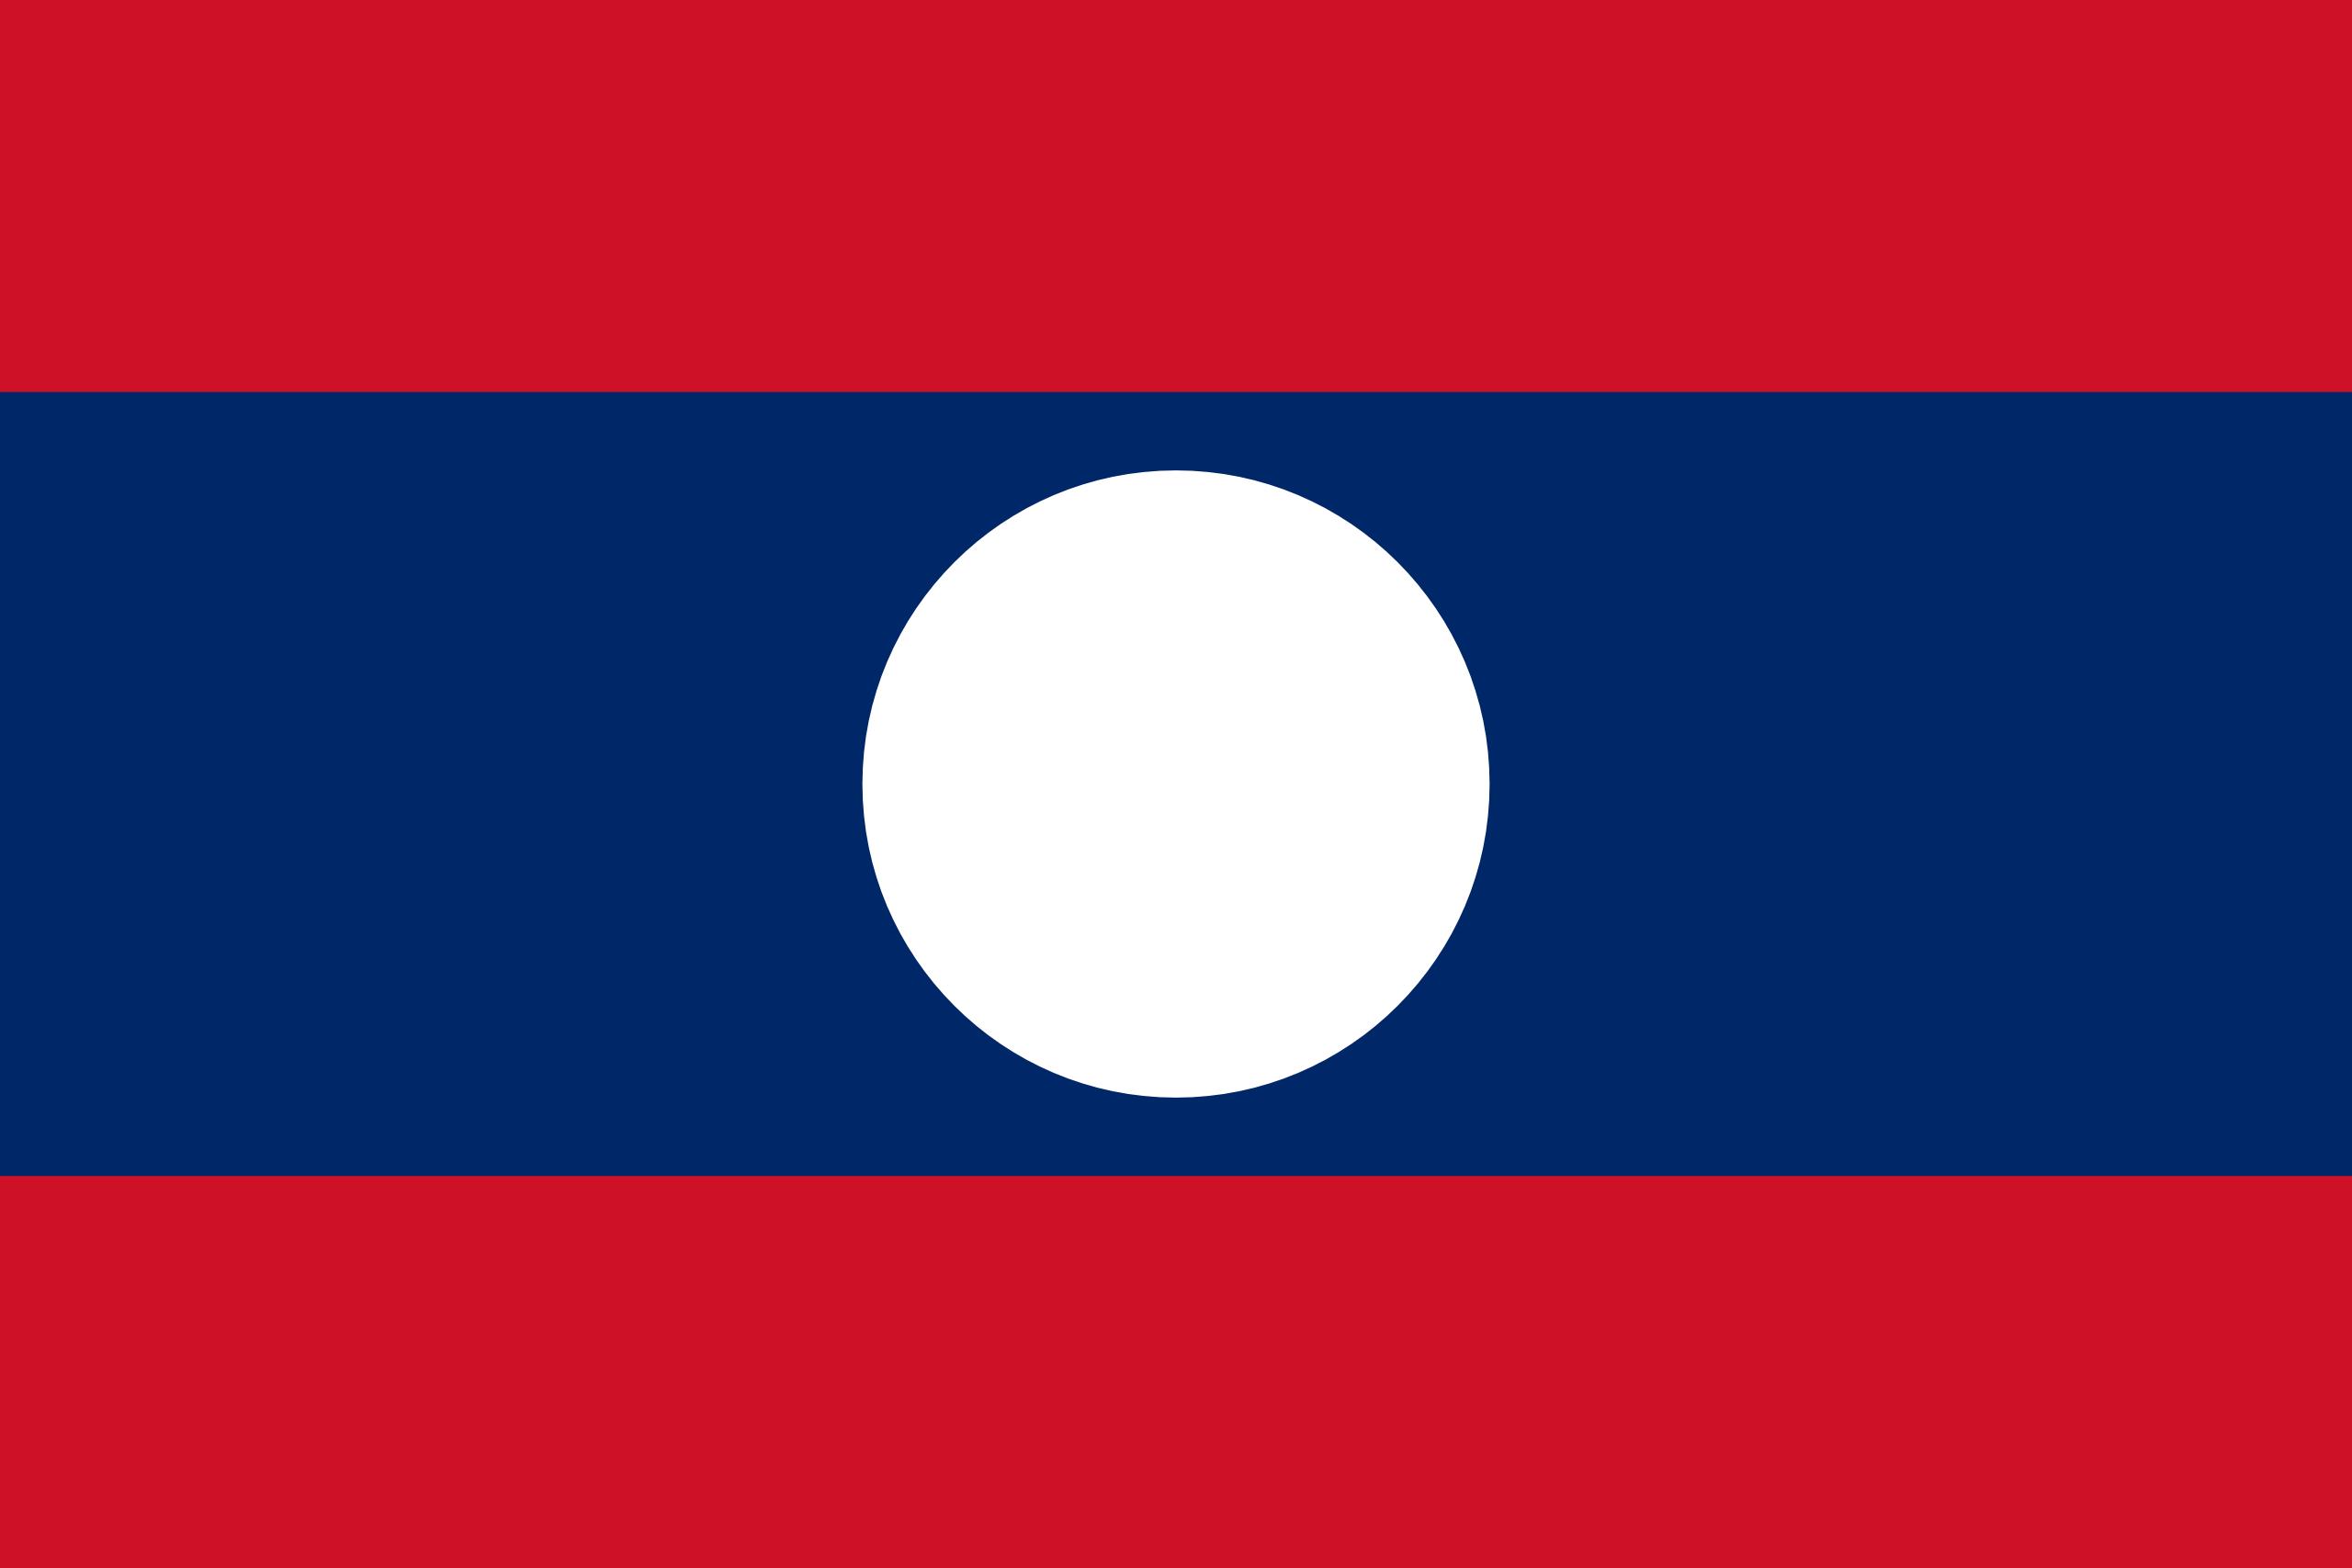 laos, Land, Emblem, Logo, Symbol - Wallpaper HD - Prof.-falken.com